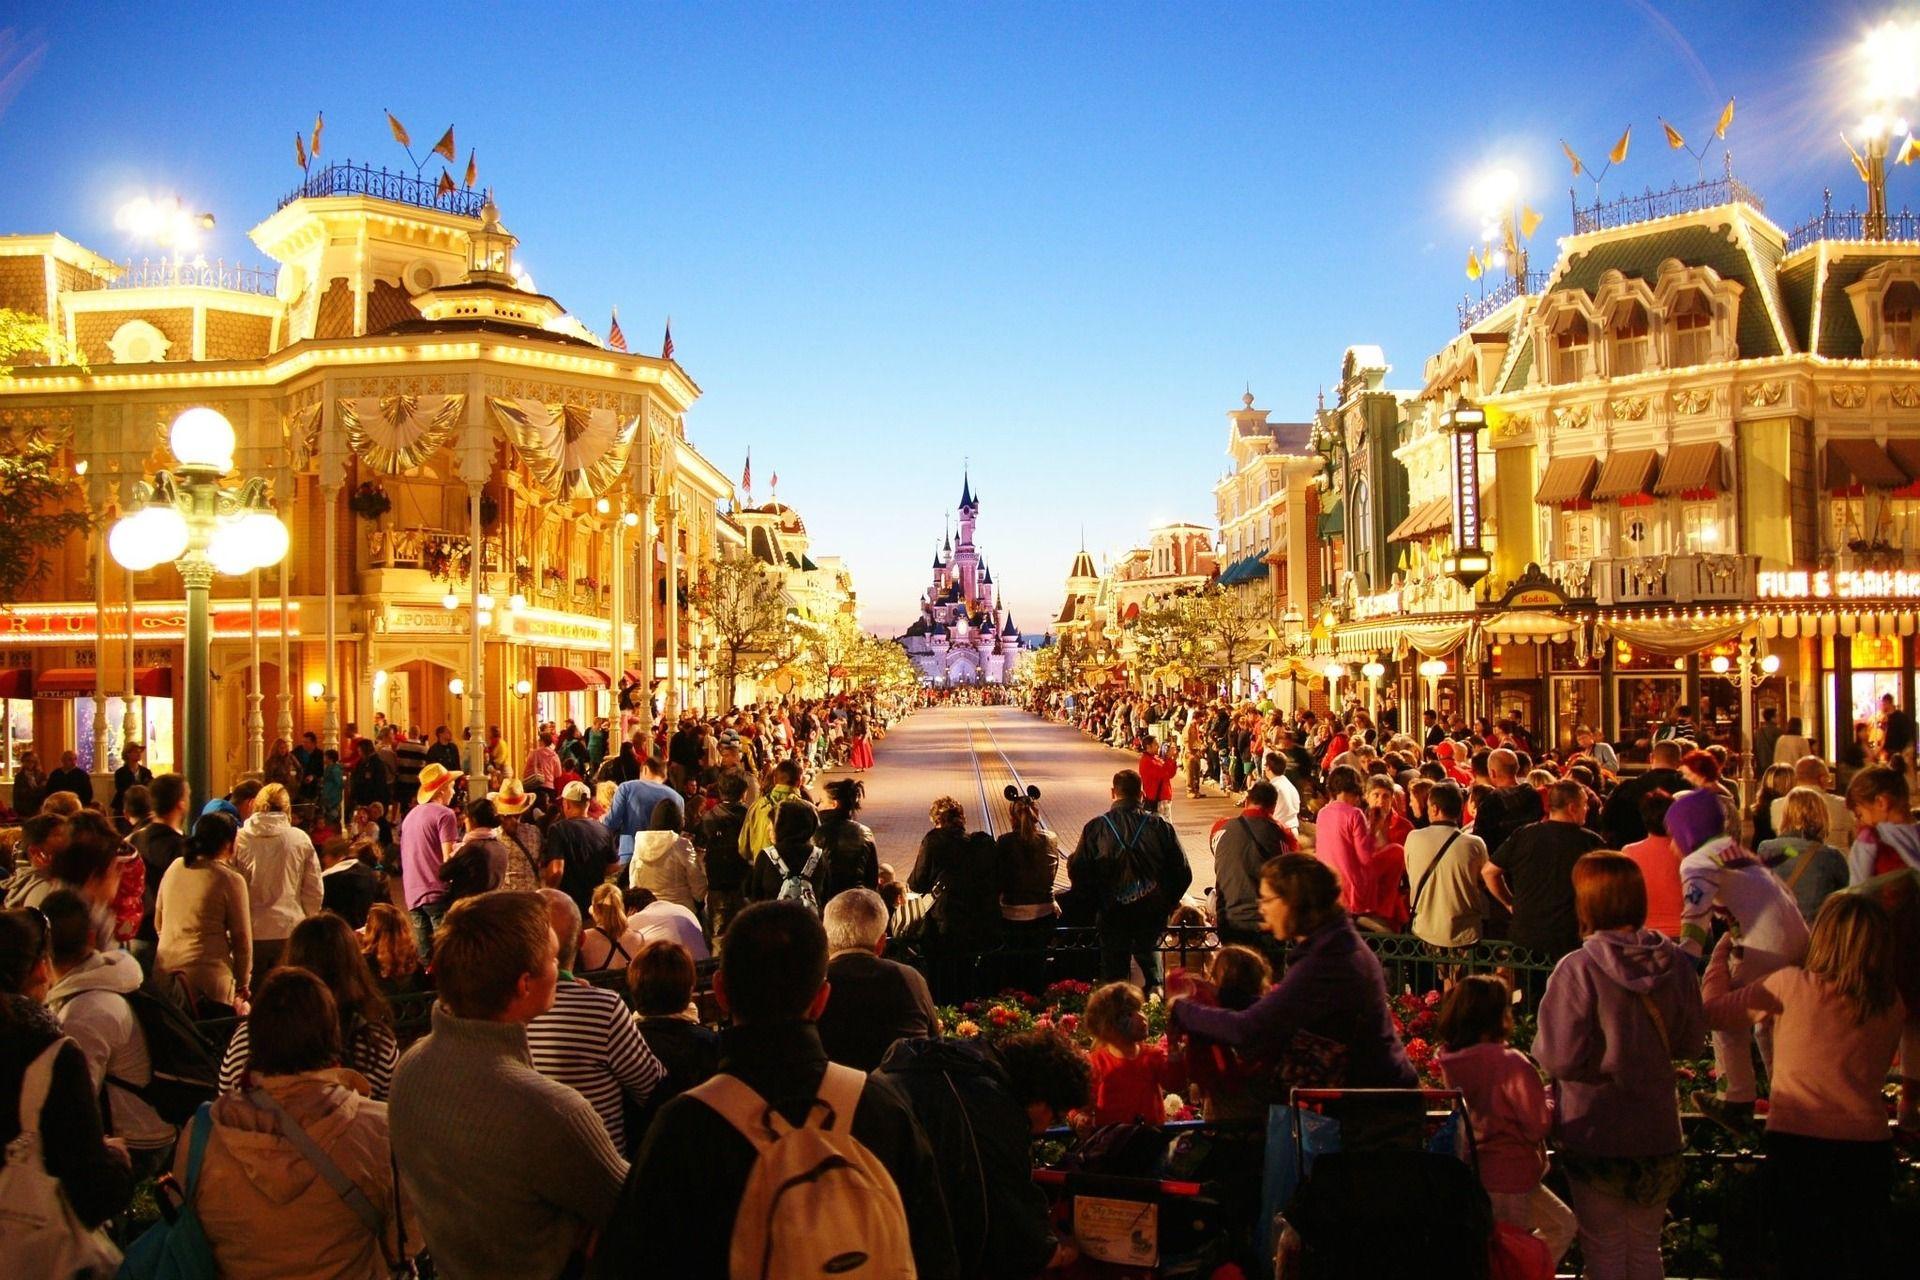 Visiter Disneyland Paris avec l'échange de maison